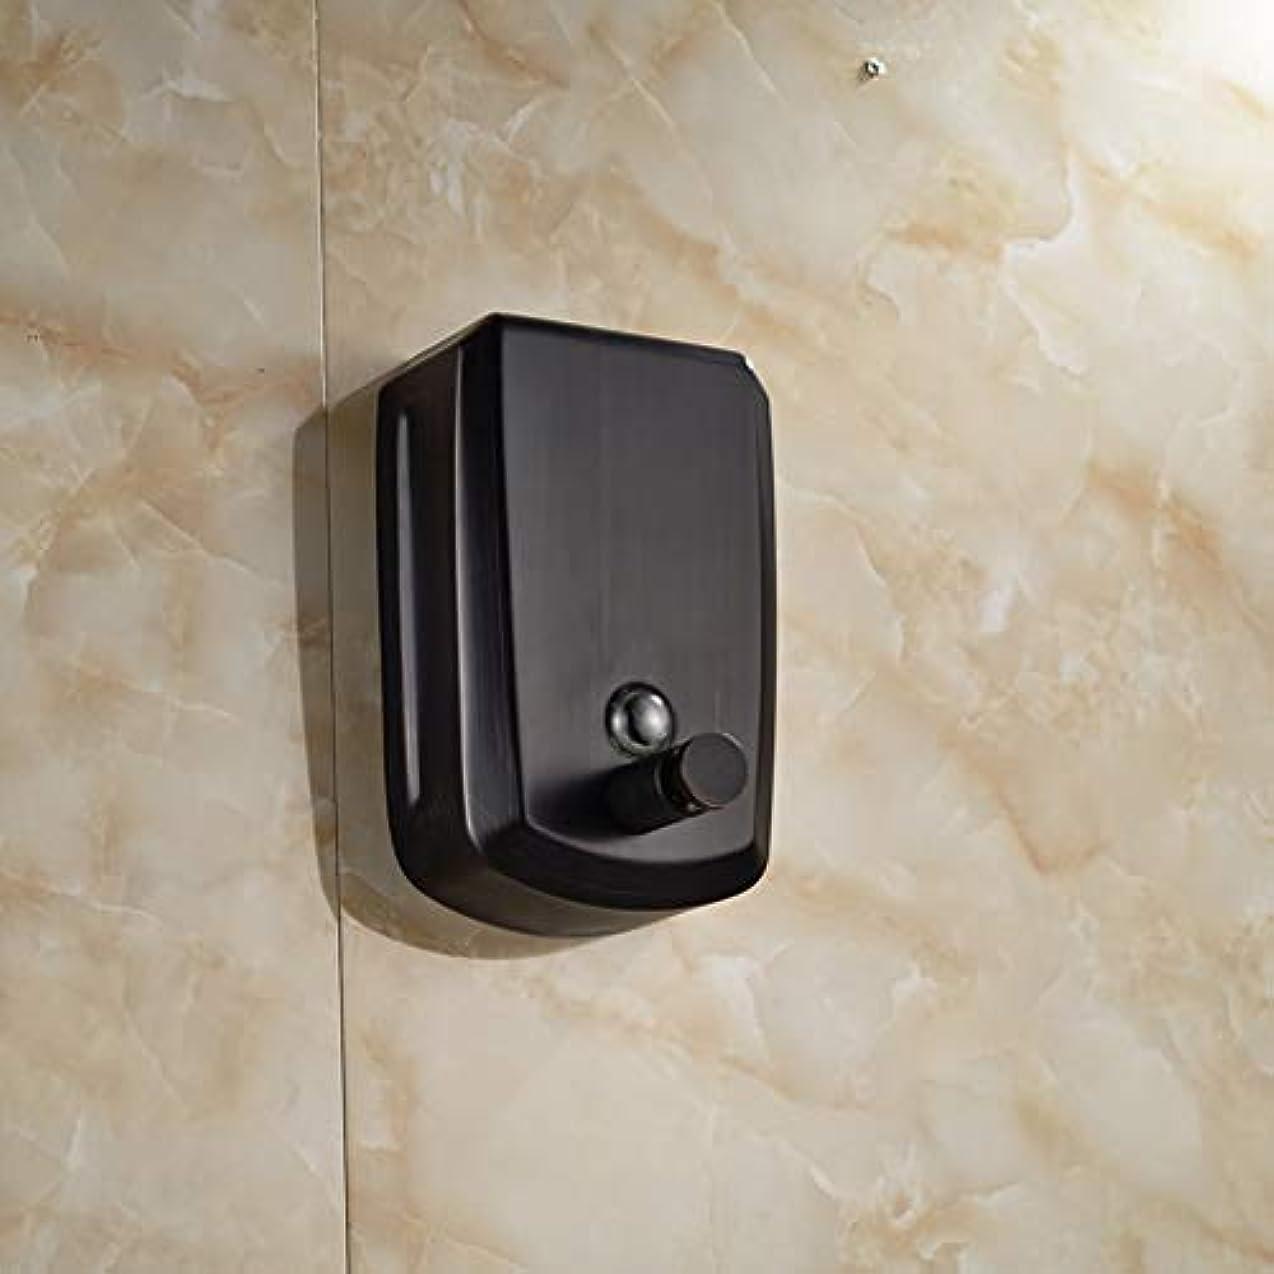 健康的これまで愛情LUDSUY Oil Rubbed Bronze 800ml Bathroom Soap Dispenser Liquid Soap Pump Lotion DispenserBathroom accessories